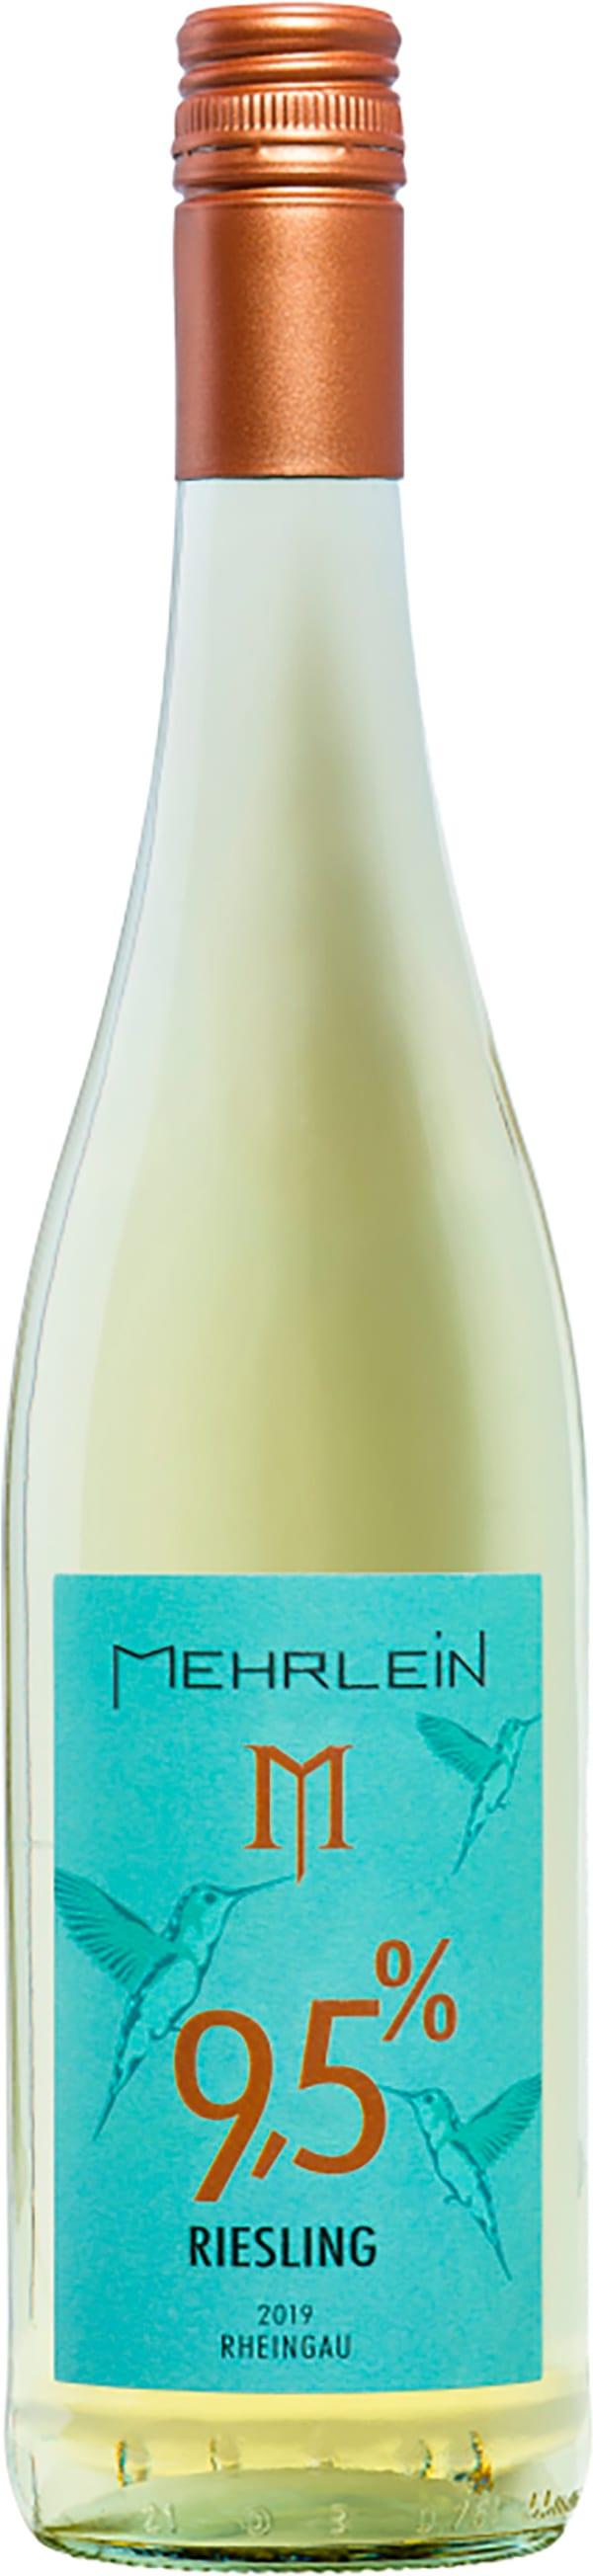 Mehrlein Riesling 9,5% 2017